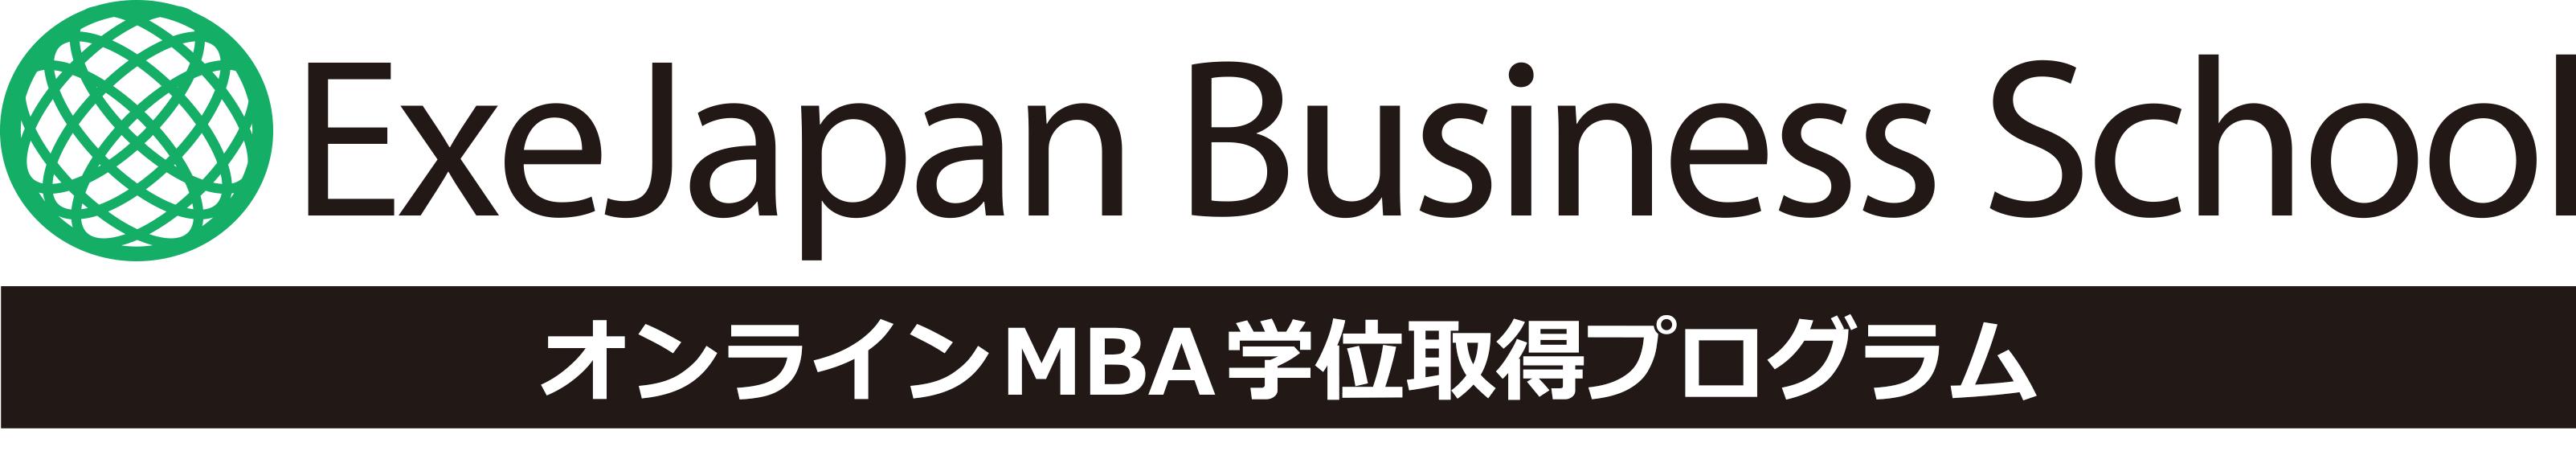 Online MBA | ExeJapan Business School